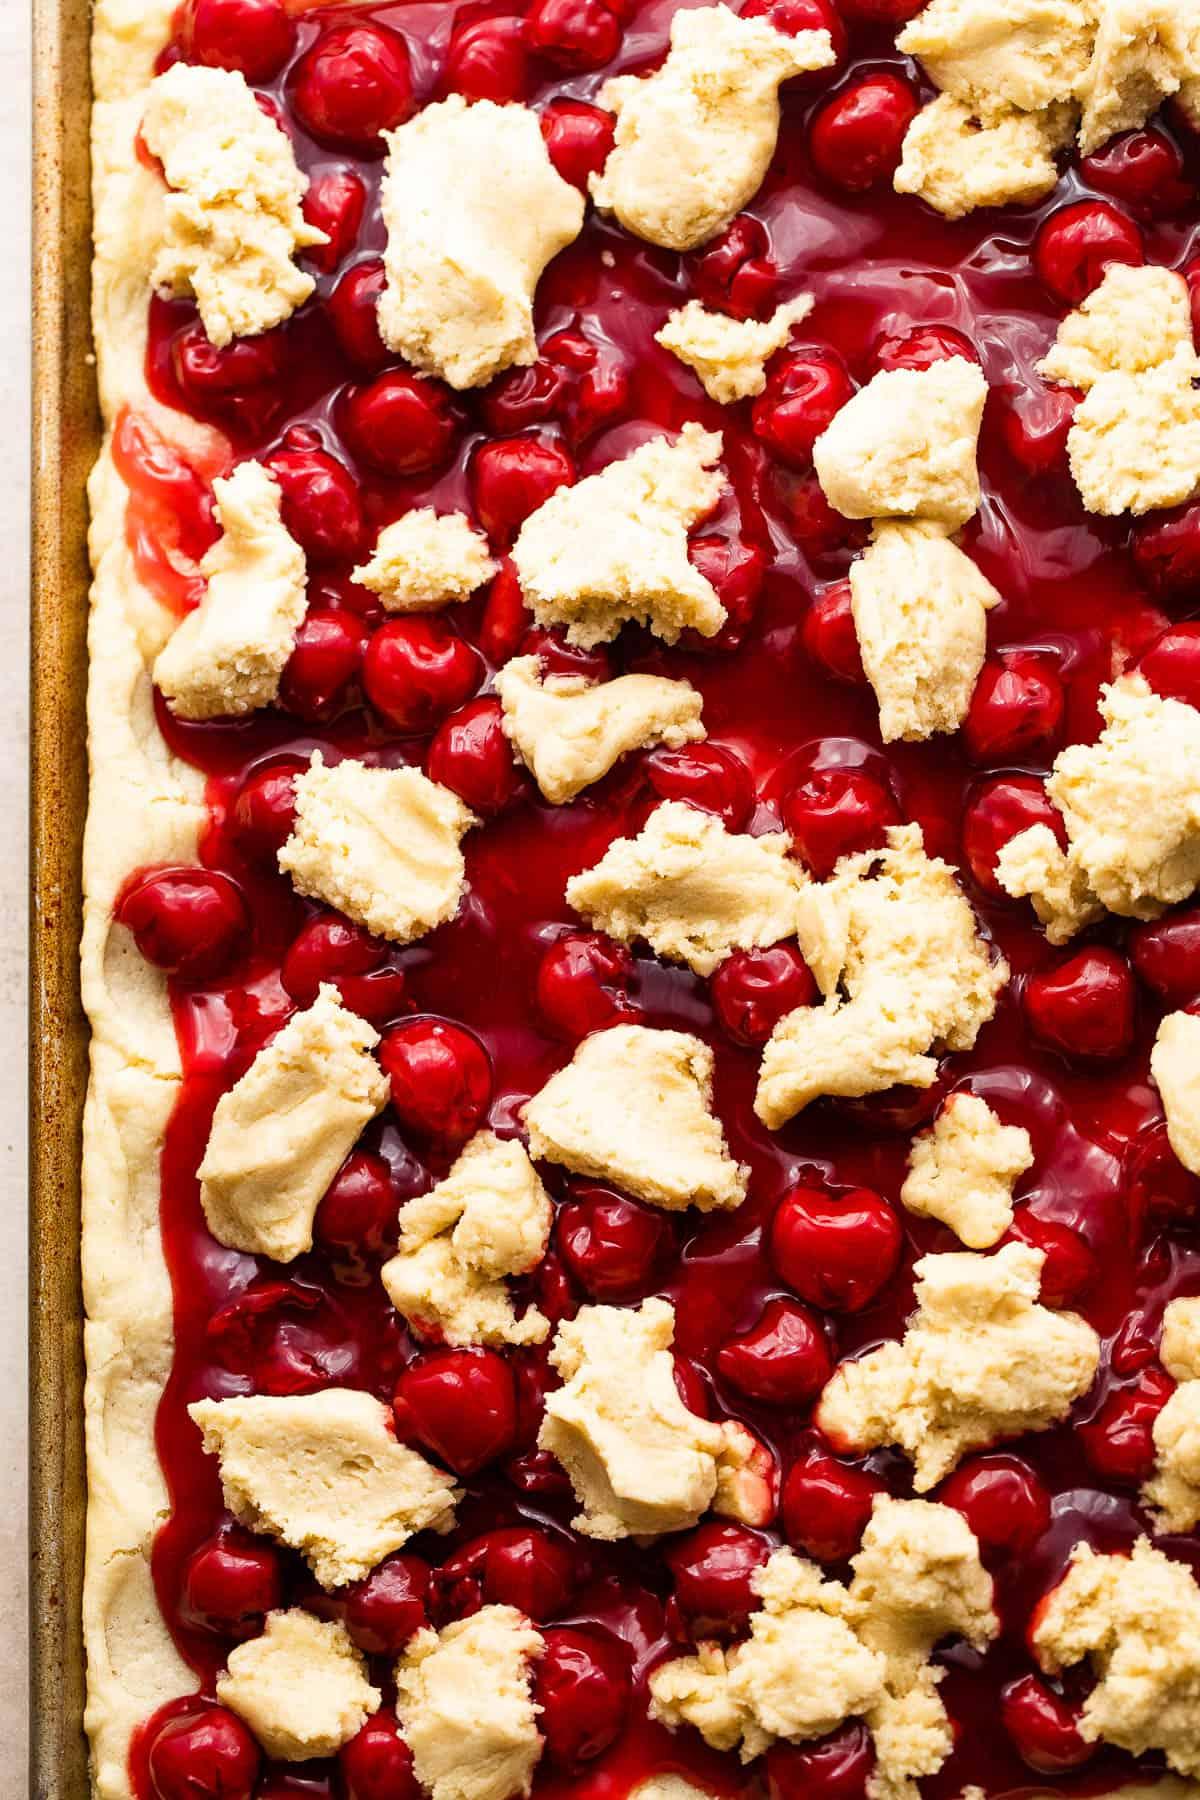 Scoops of Dough Overtop Cherry Pie